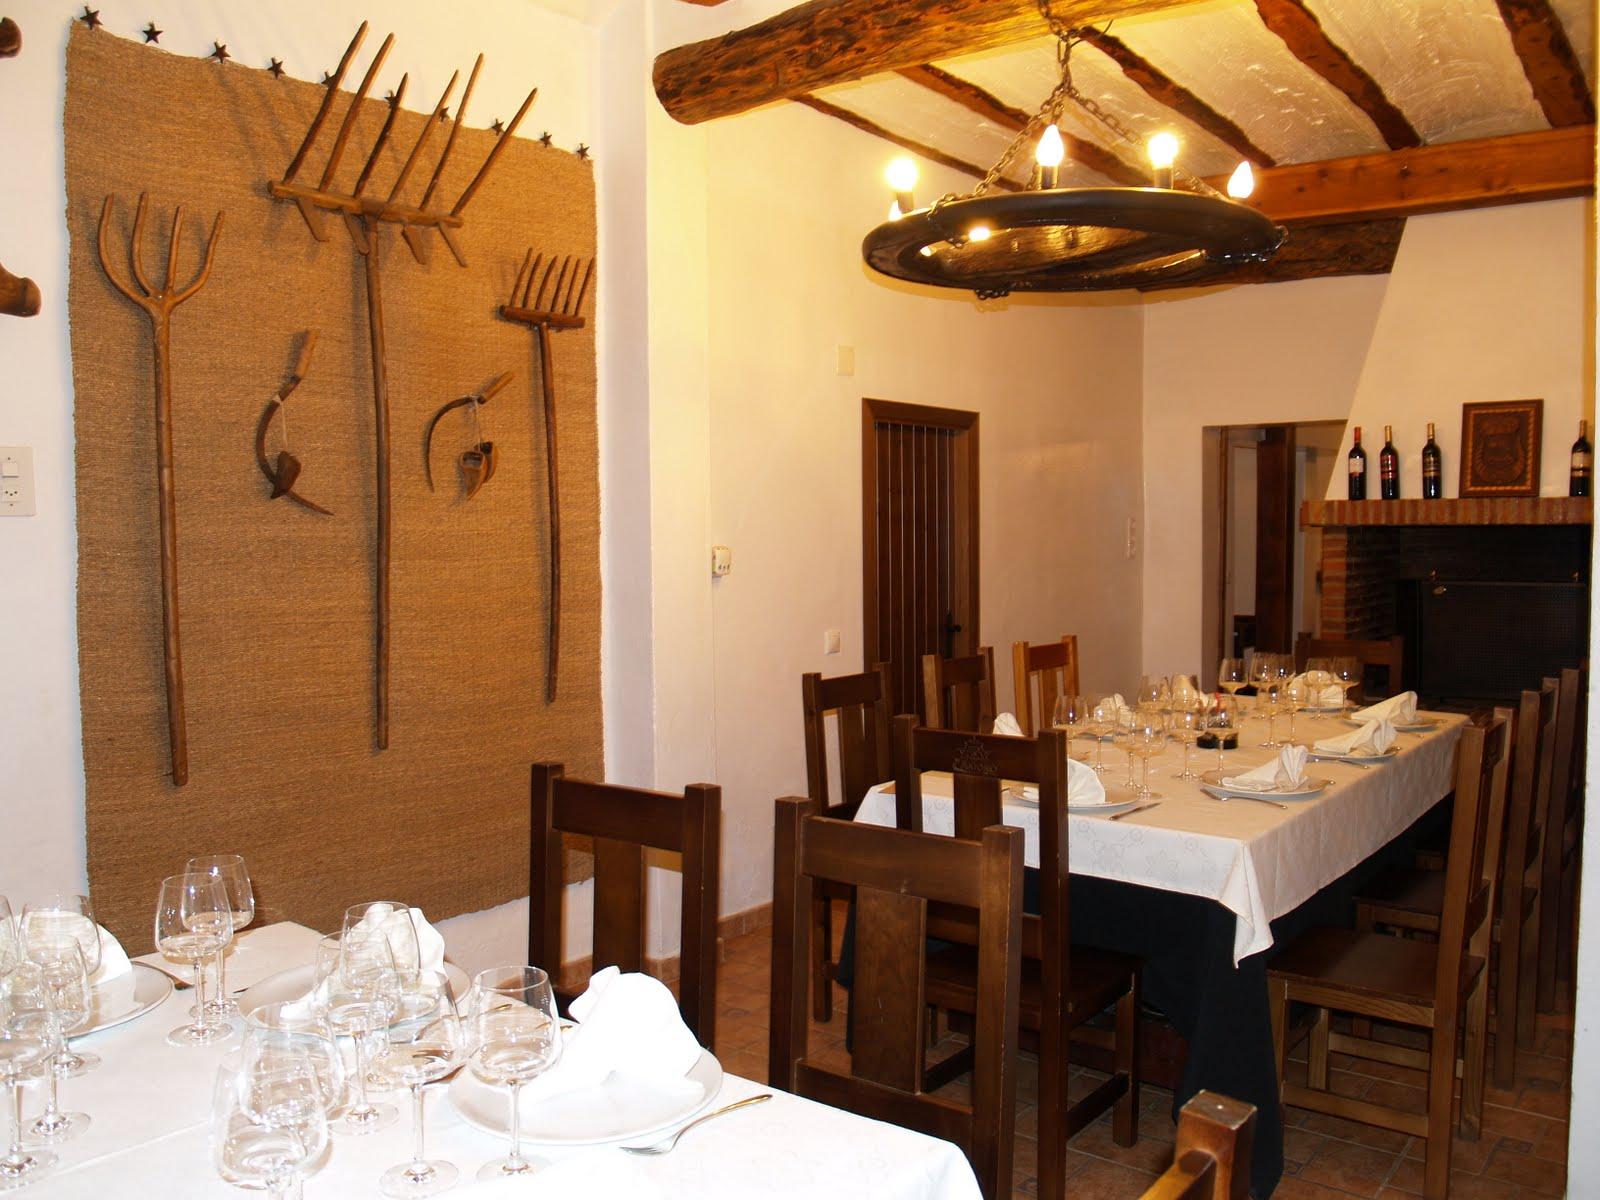 Enogourmet vinos y gastronom a bodegas torroja en el - Decoracion para bodegas ...